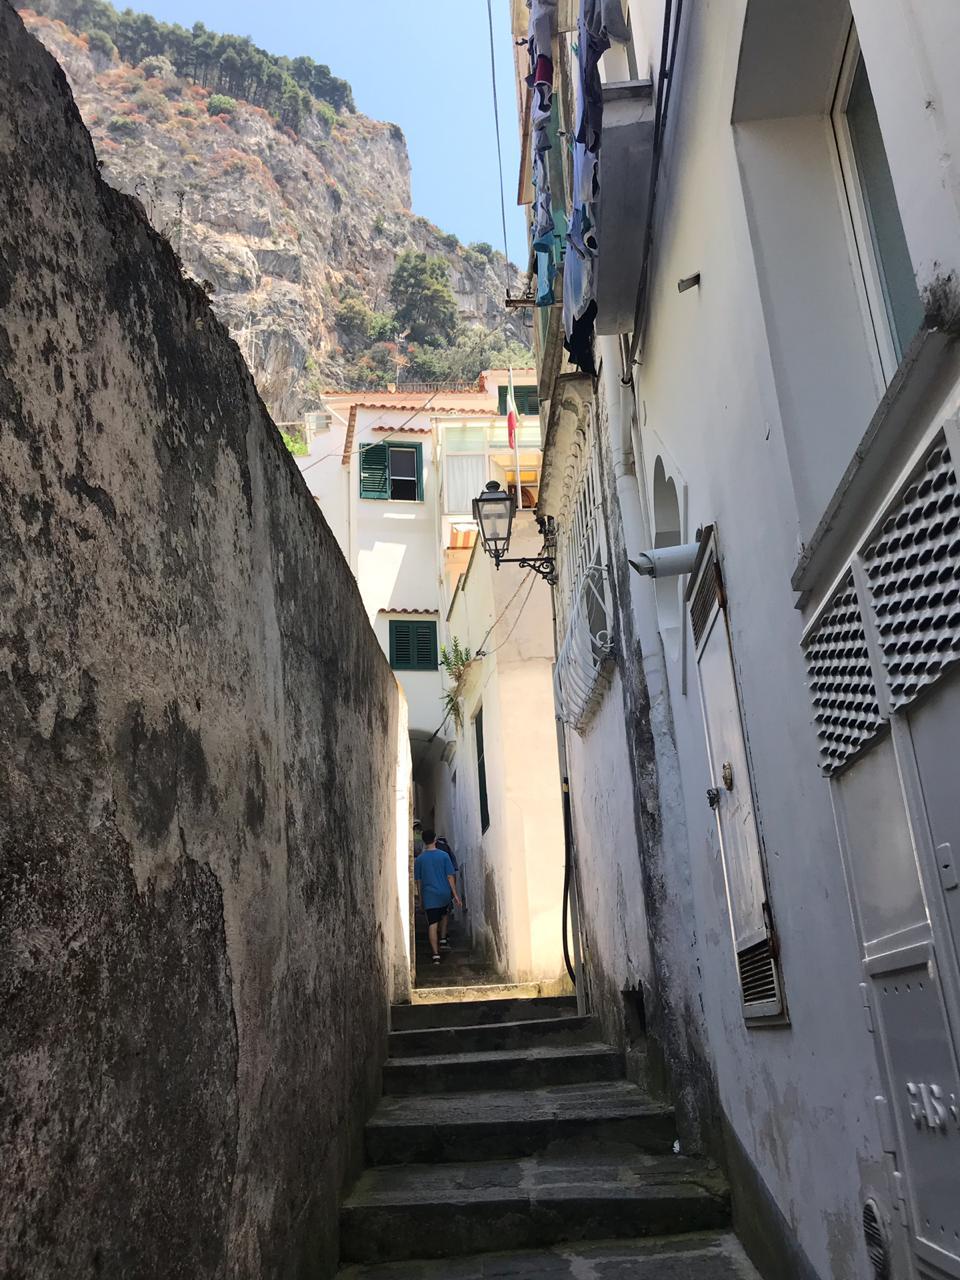 camino secreto escondido de amalfi a atrani italia costa amalfitana ir caminando (26)